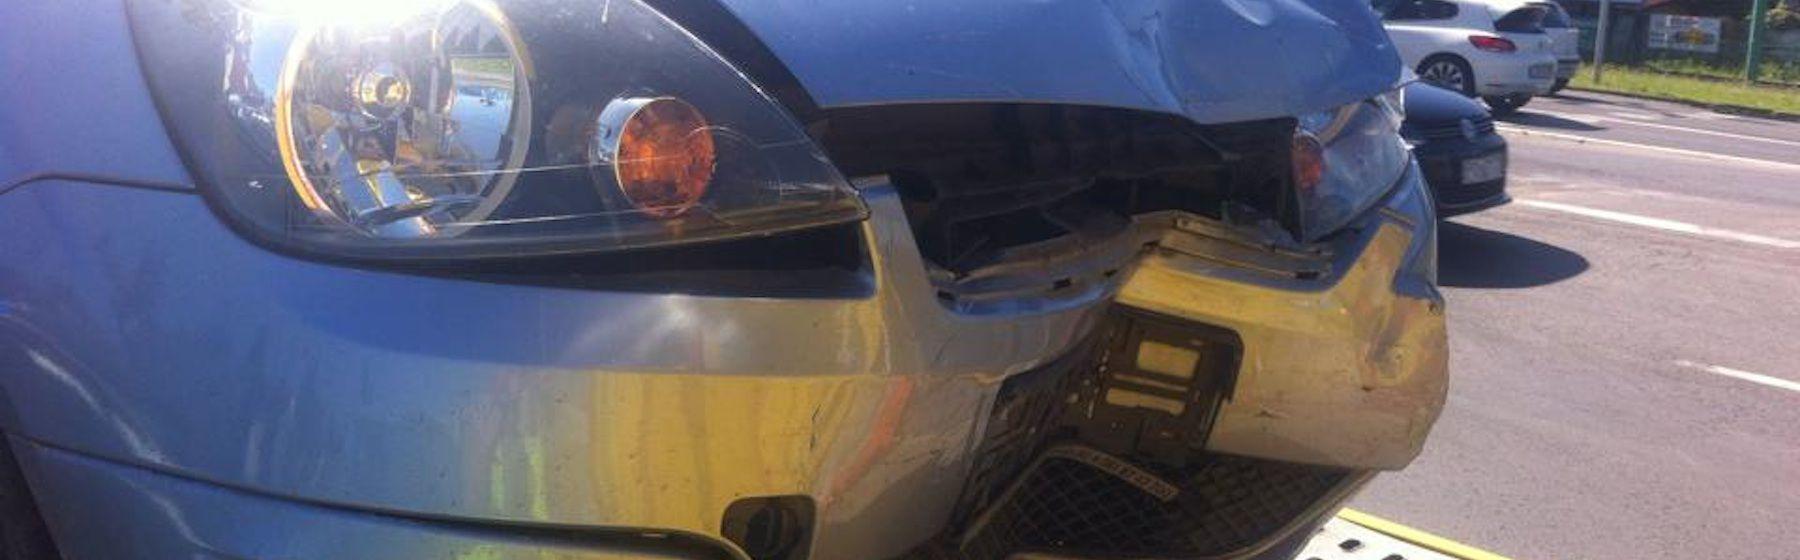 Zderzenie pojazdów na skrzyżowaniu ul. Promienistej i Ściegiennego